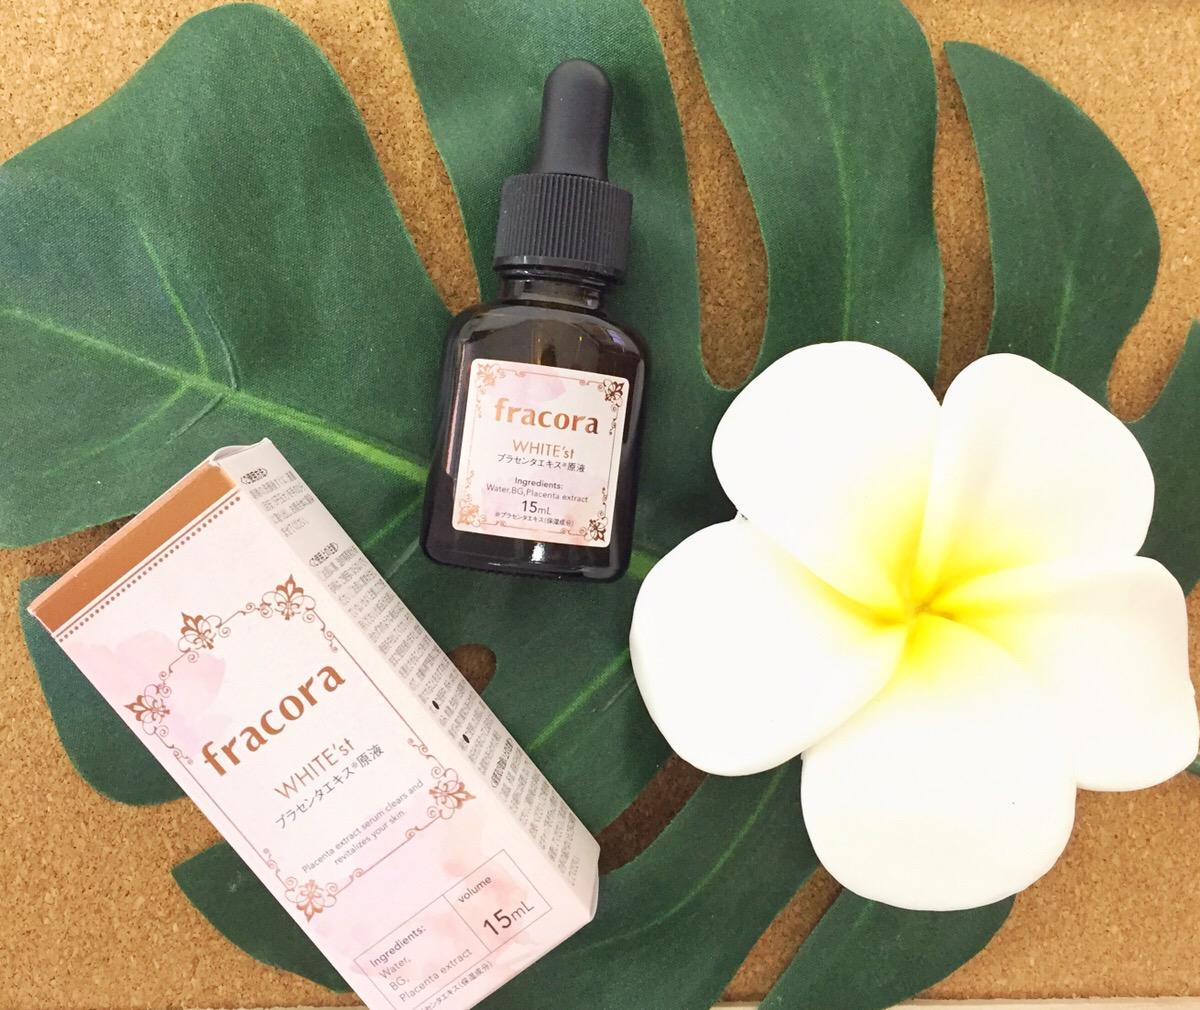 フラコラのプラセンタエキス美容液の効果や口コミ、使い方をシェアします!